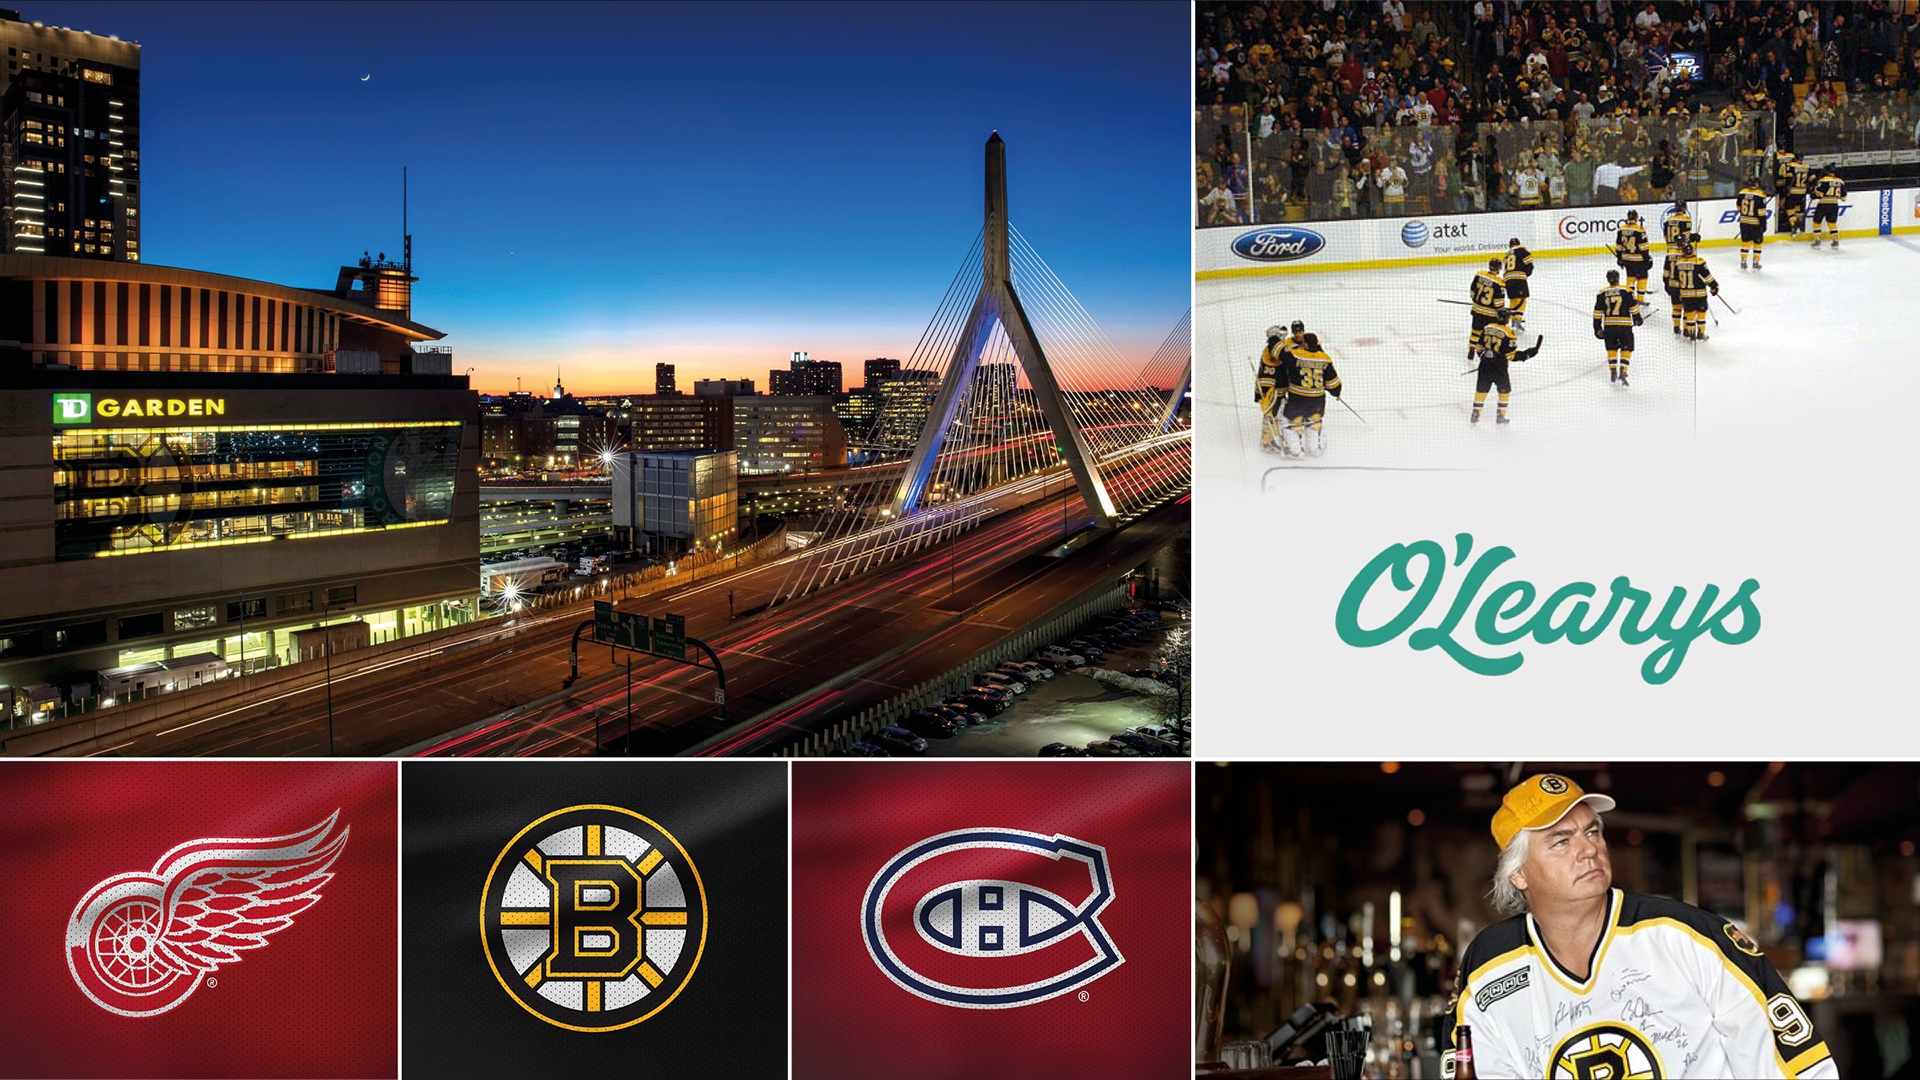 NHL-resa till Boston med O'Learys - 11 - 17 Februari 2020 | Paketresa till Boston med O´Learys. Följ med Supreme Travel och O'Learys till Boston för att se Boston Bruins i två matcher och även NBA-basket med Boston Celtics. O'Learys grundare Jonas Reinholdsson kommer att vara färdledare på den här resan till sportstaden Boston. Boka din Bostonresa hos oss.